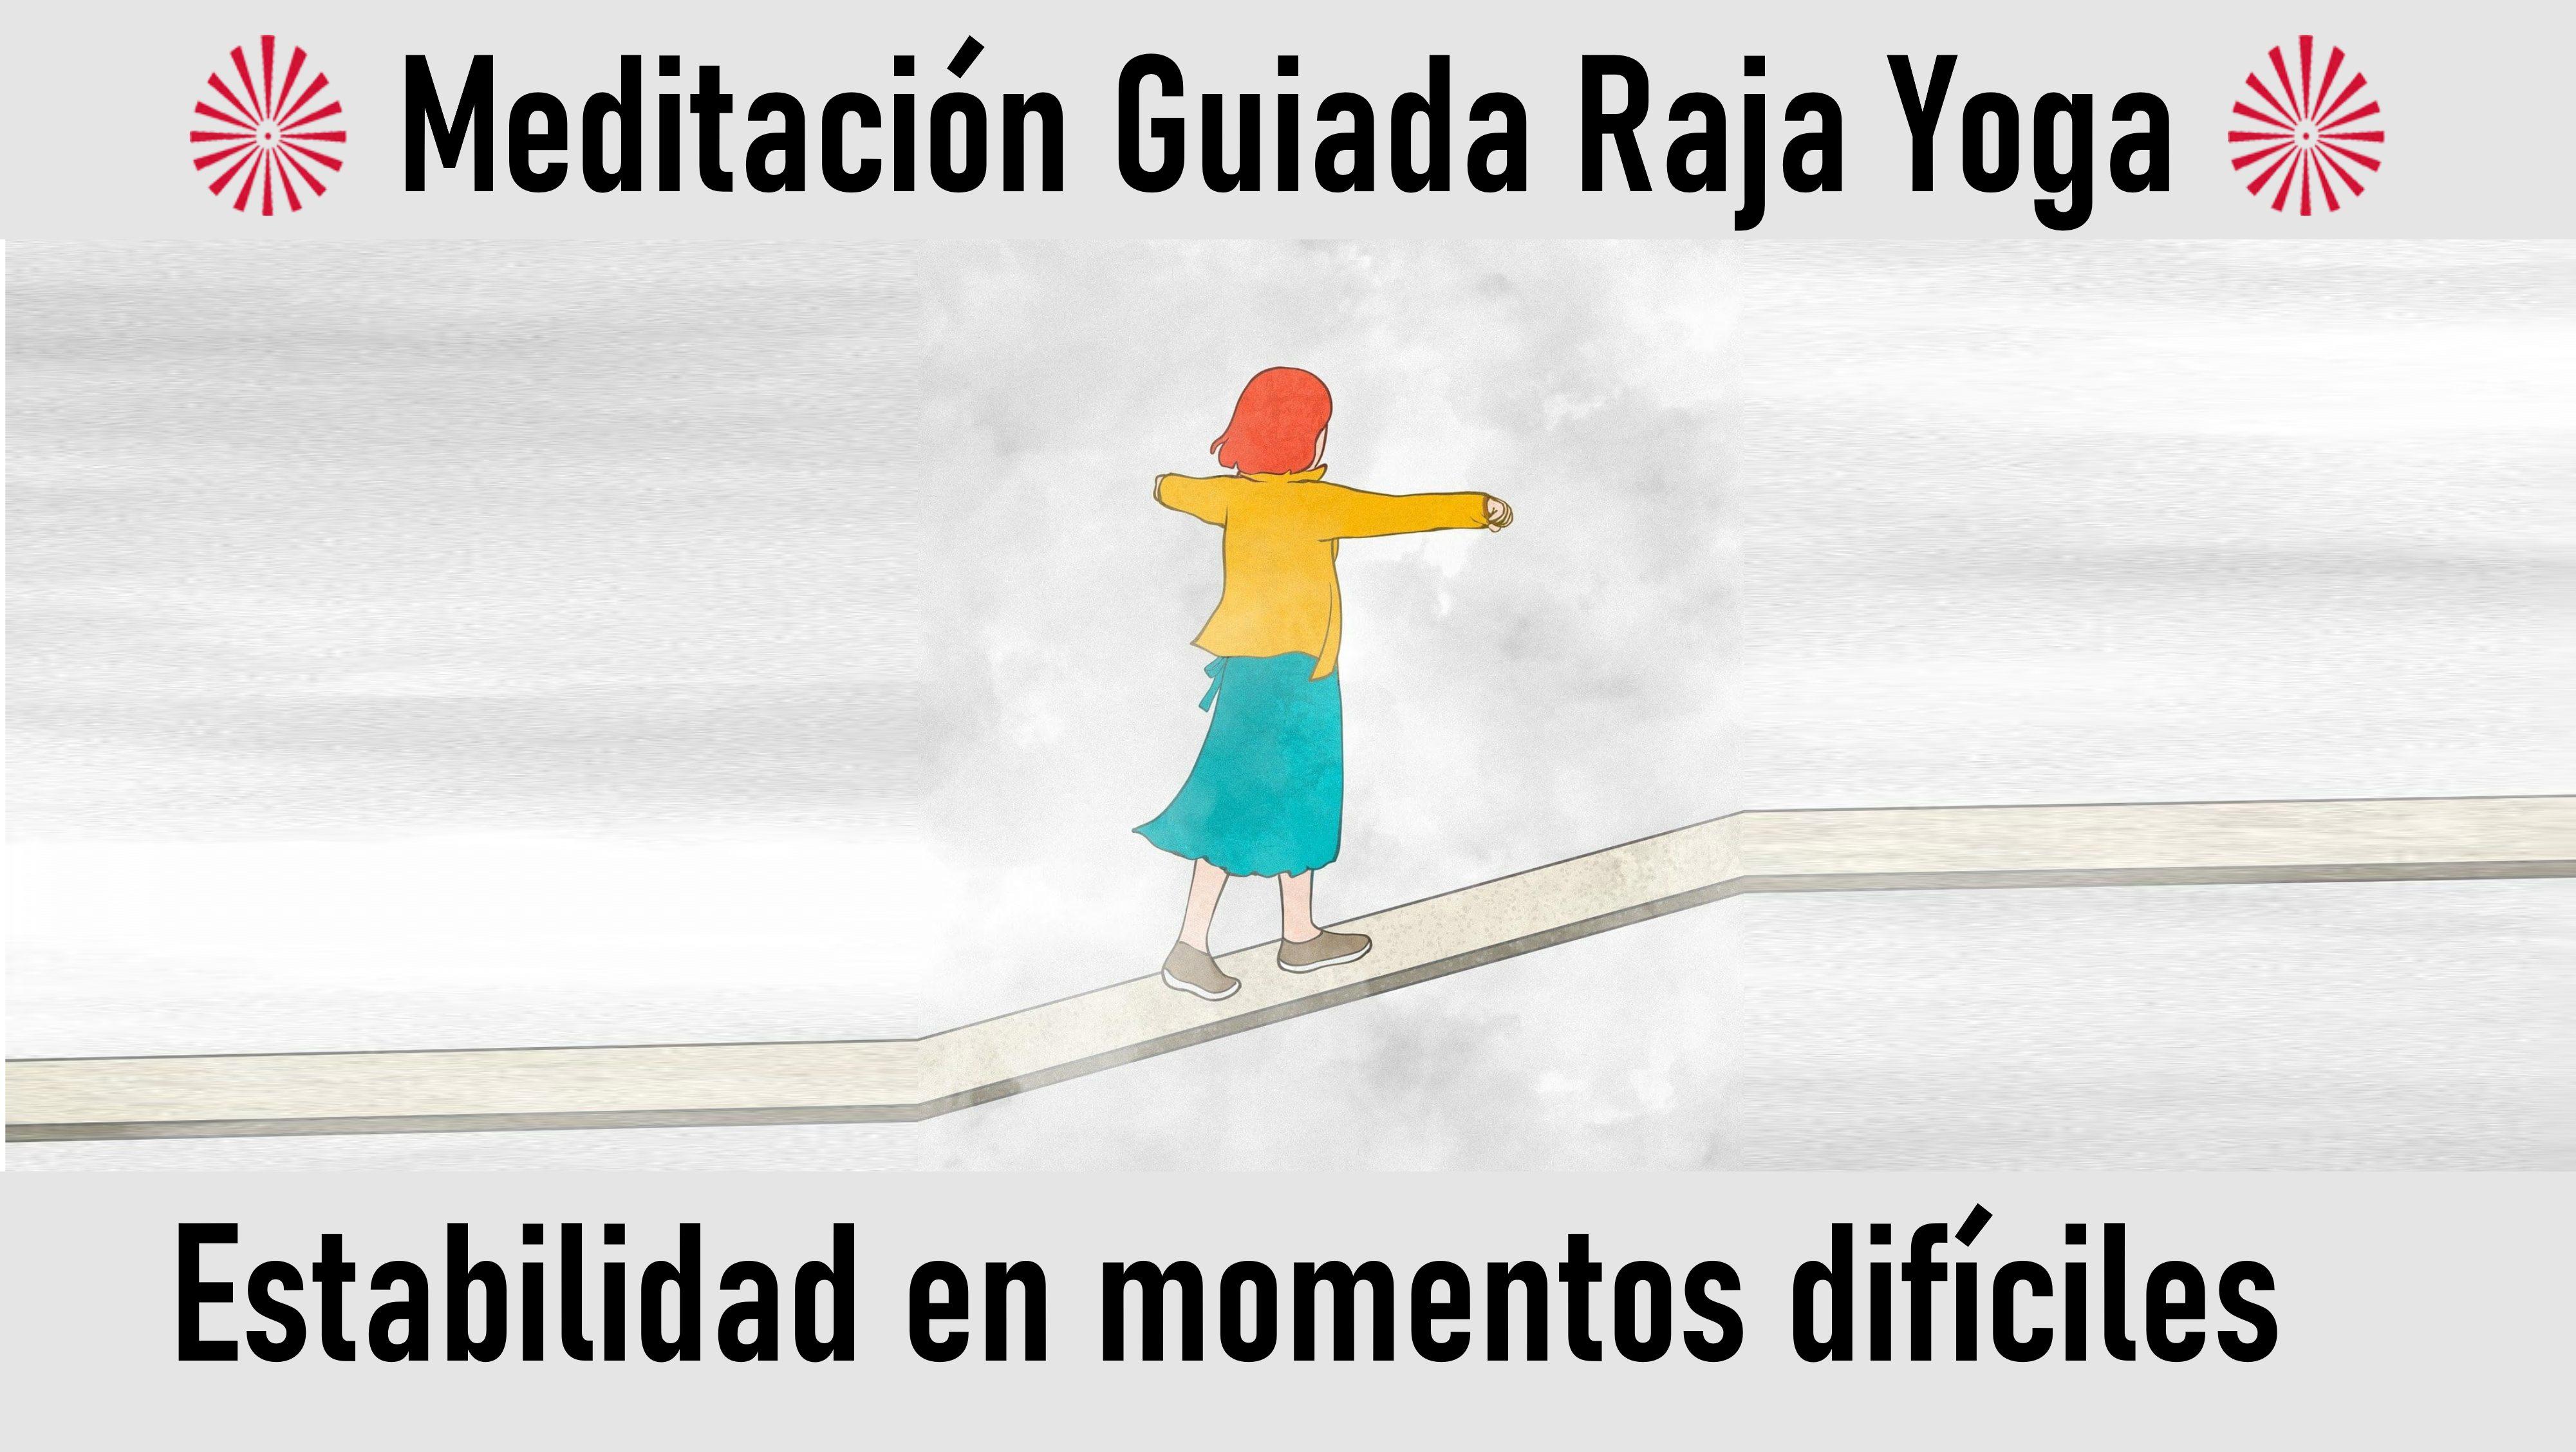 13 Julio 2020 Meditación Guiada: Estabilidad en momentos difíciles